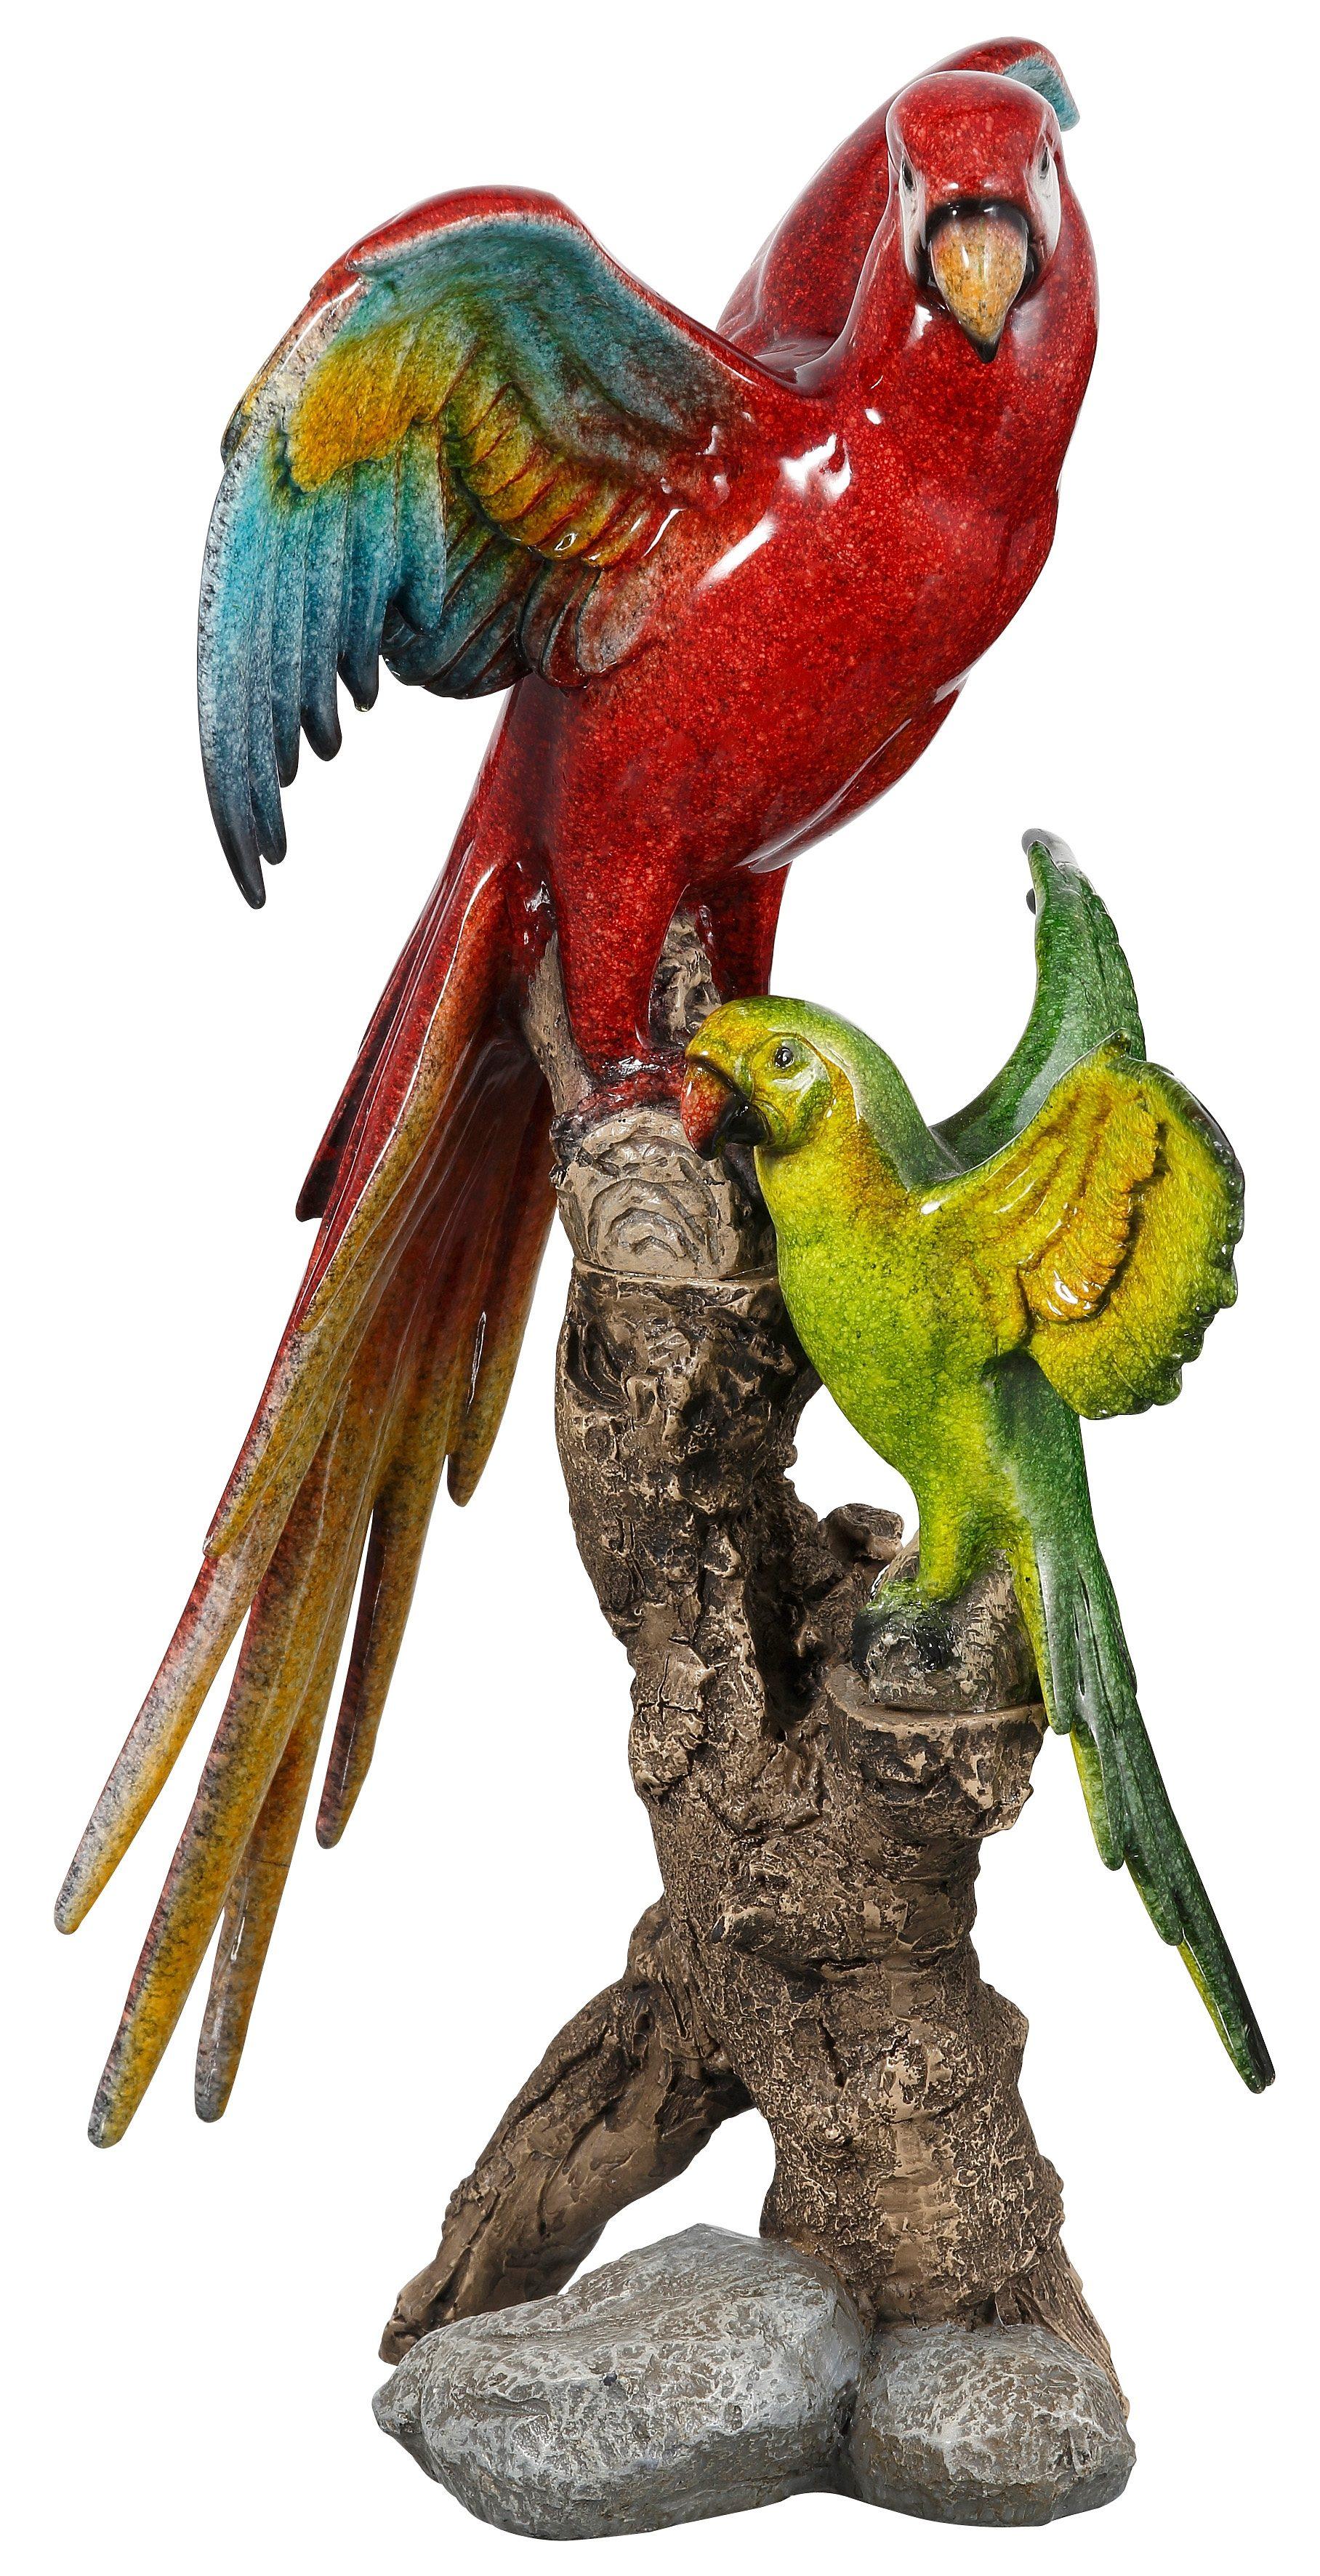 Dekofigur, Home affaire, »Papageien auf Stamm«, Höhe 36 cm